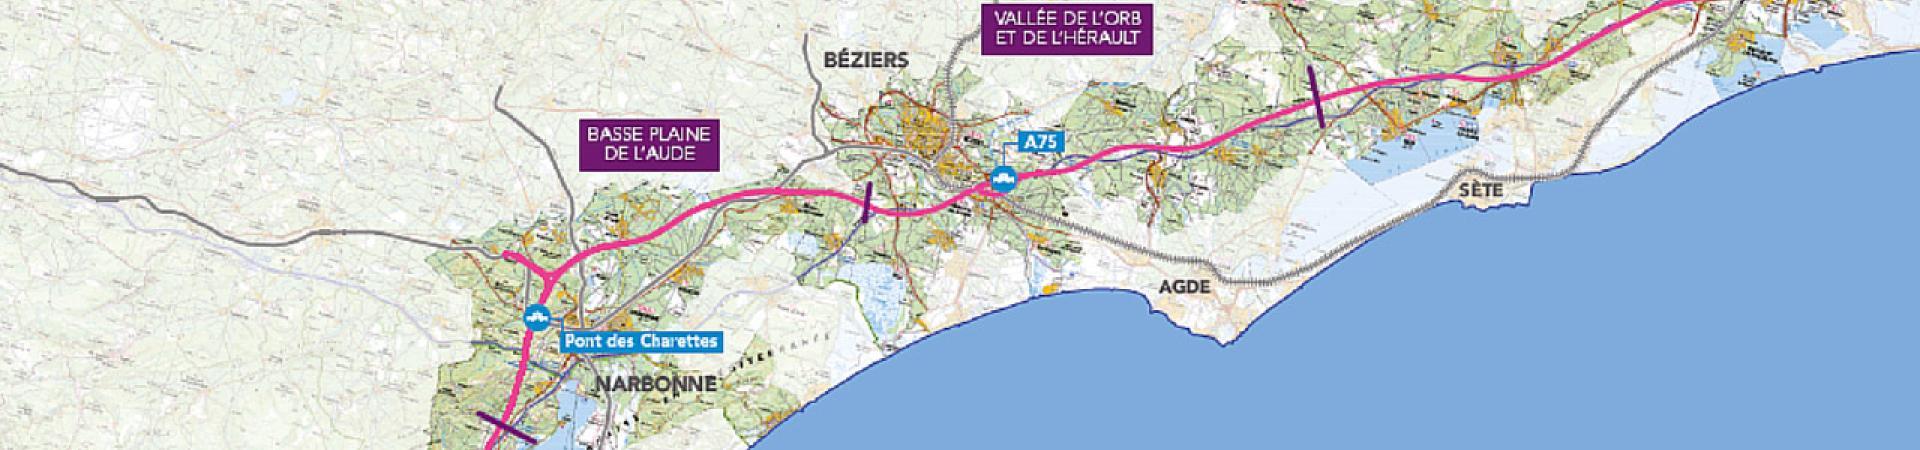 Ligne Nouvelle Montpellier Perpignan